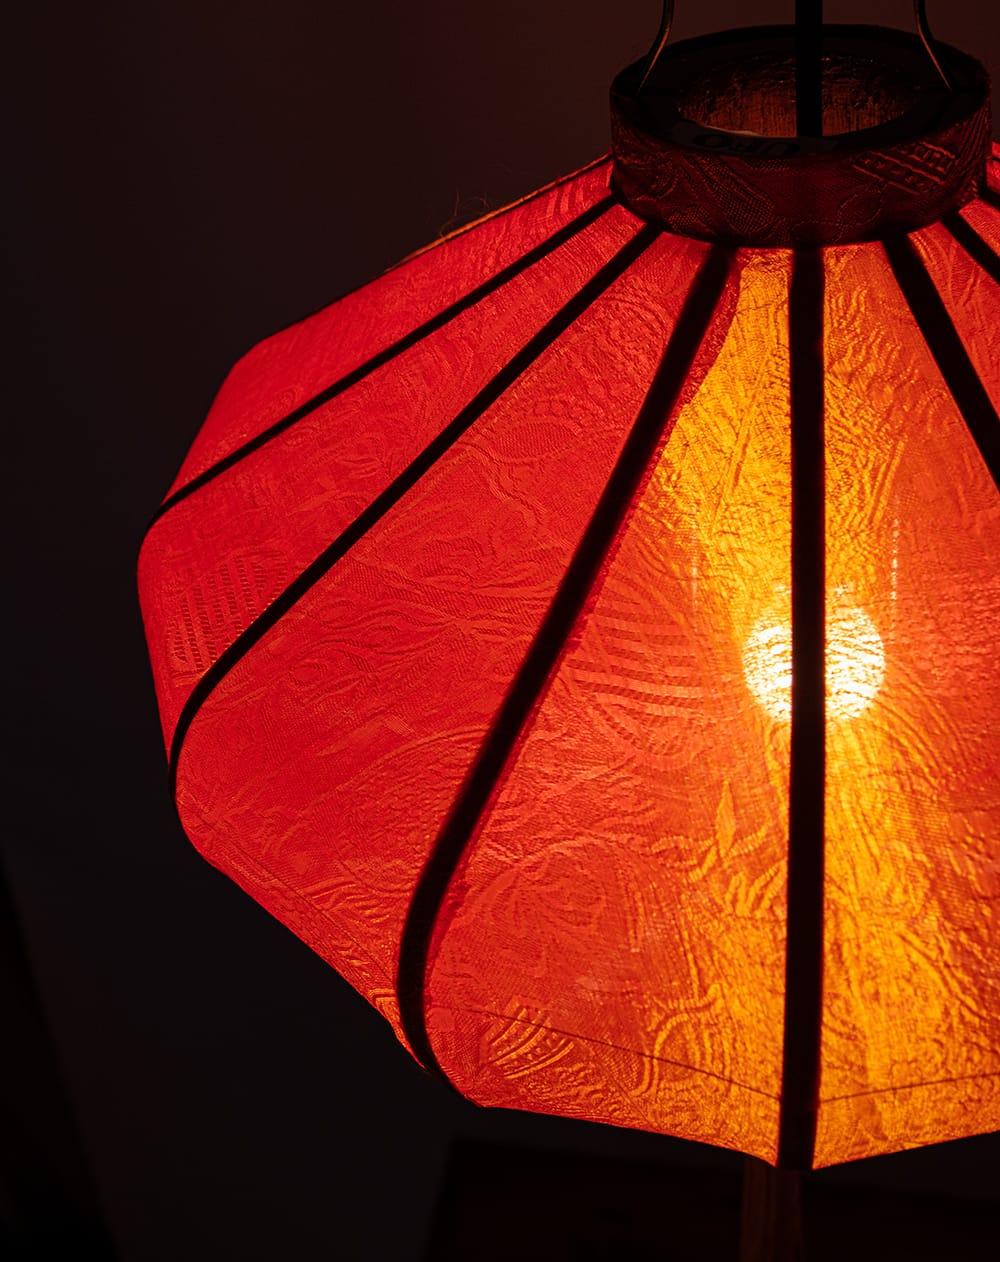 ベトナム伝統のホイアン・ランタン(提灯) - 薄ひし形(中) 5 - 角度を変えてみてみました。